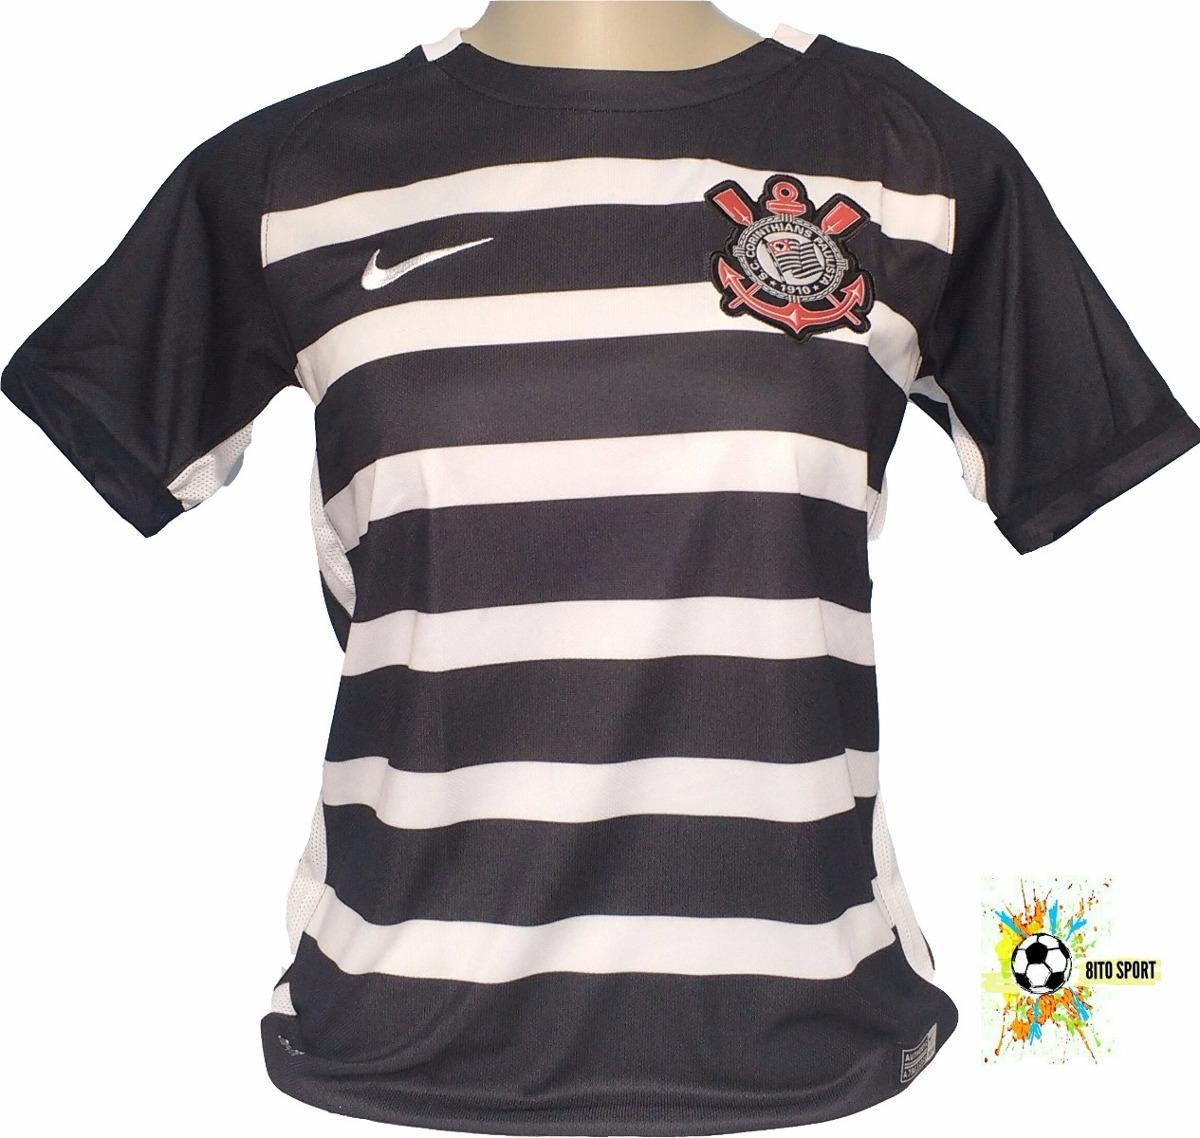 camisa corinthians juvenil original nike campeão 2015. Carregando zoom. 67dfee8116c6d